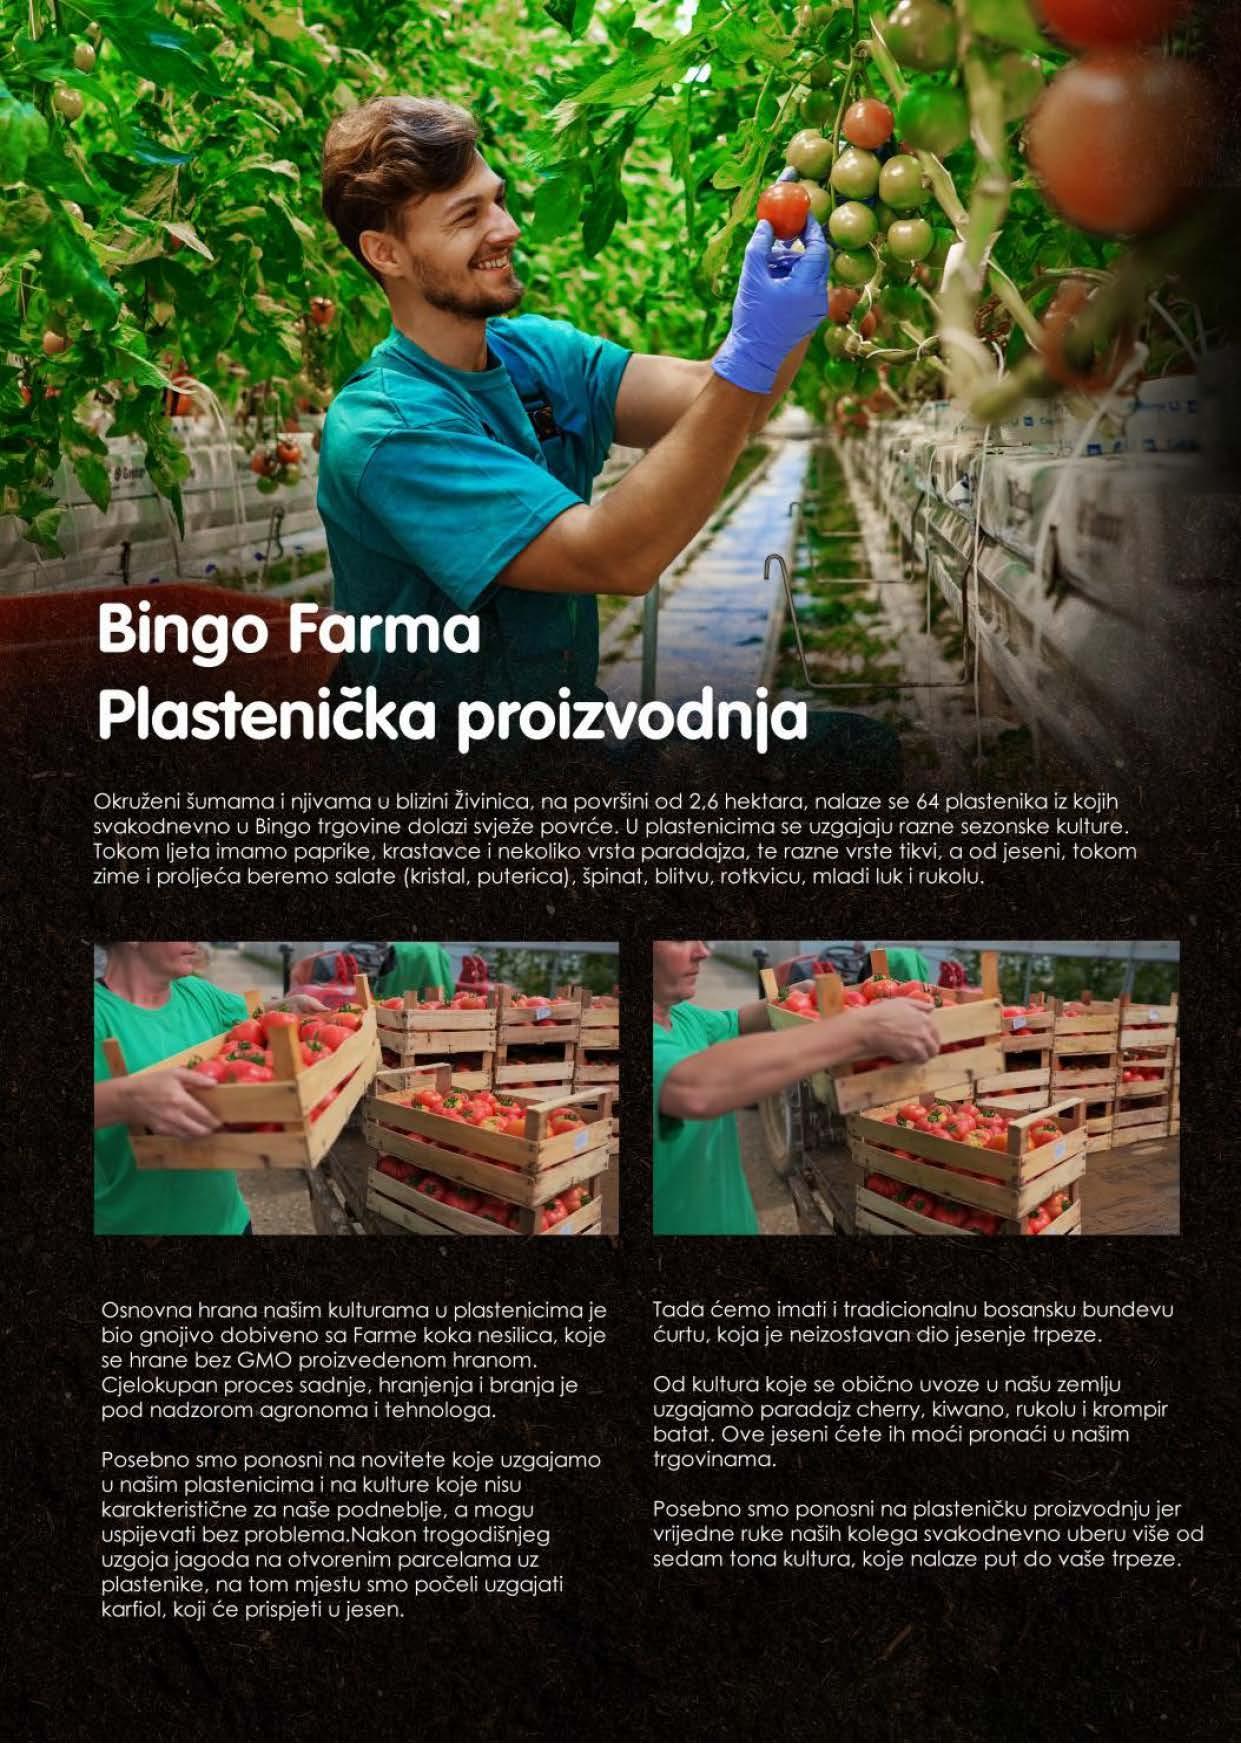 BINGO Kupuj pametno Kupuj domace AVGUST 2021 2.8.2021. 8.8.2021. Page 02